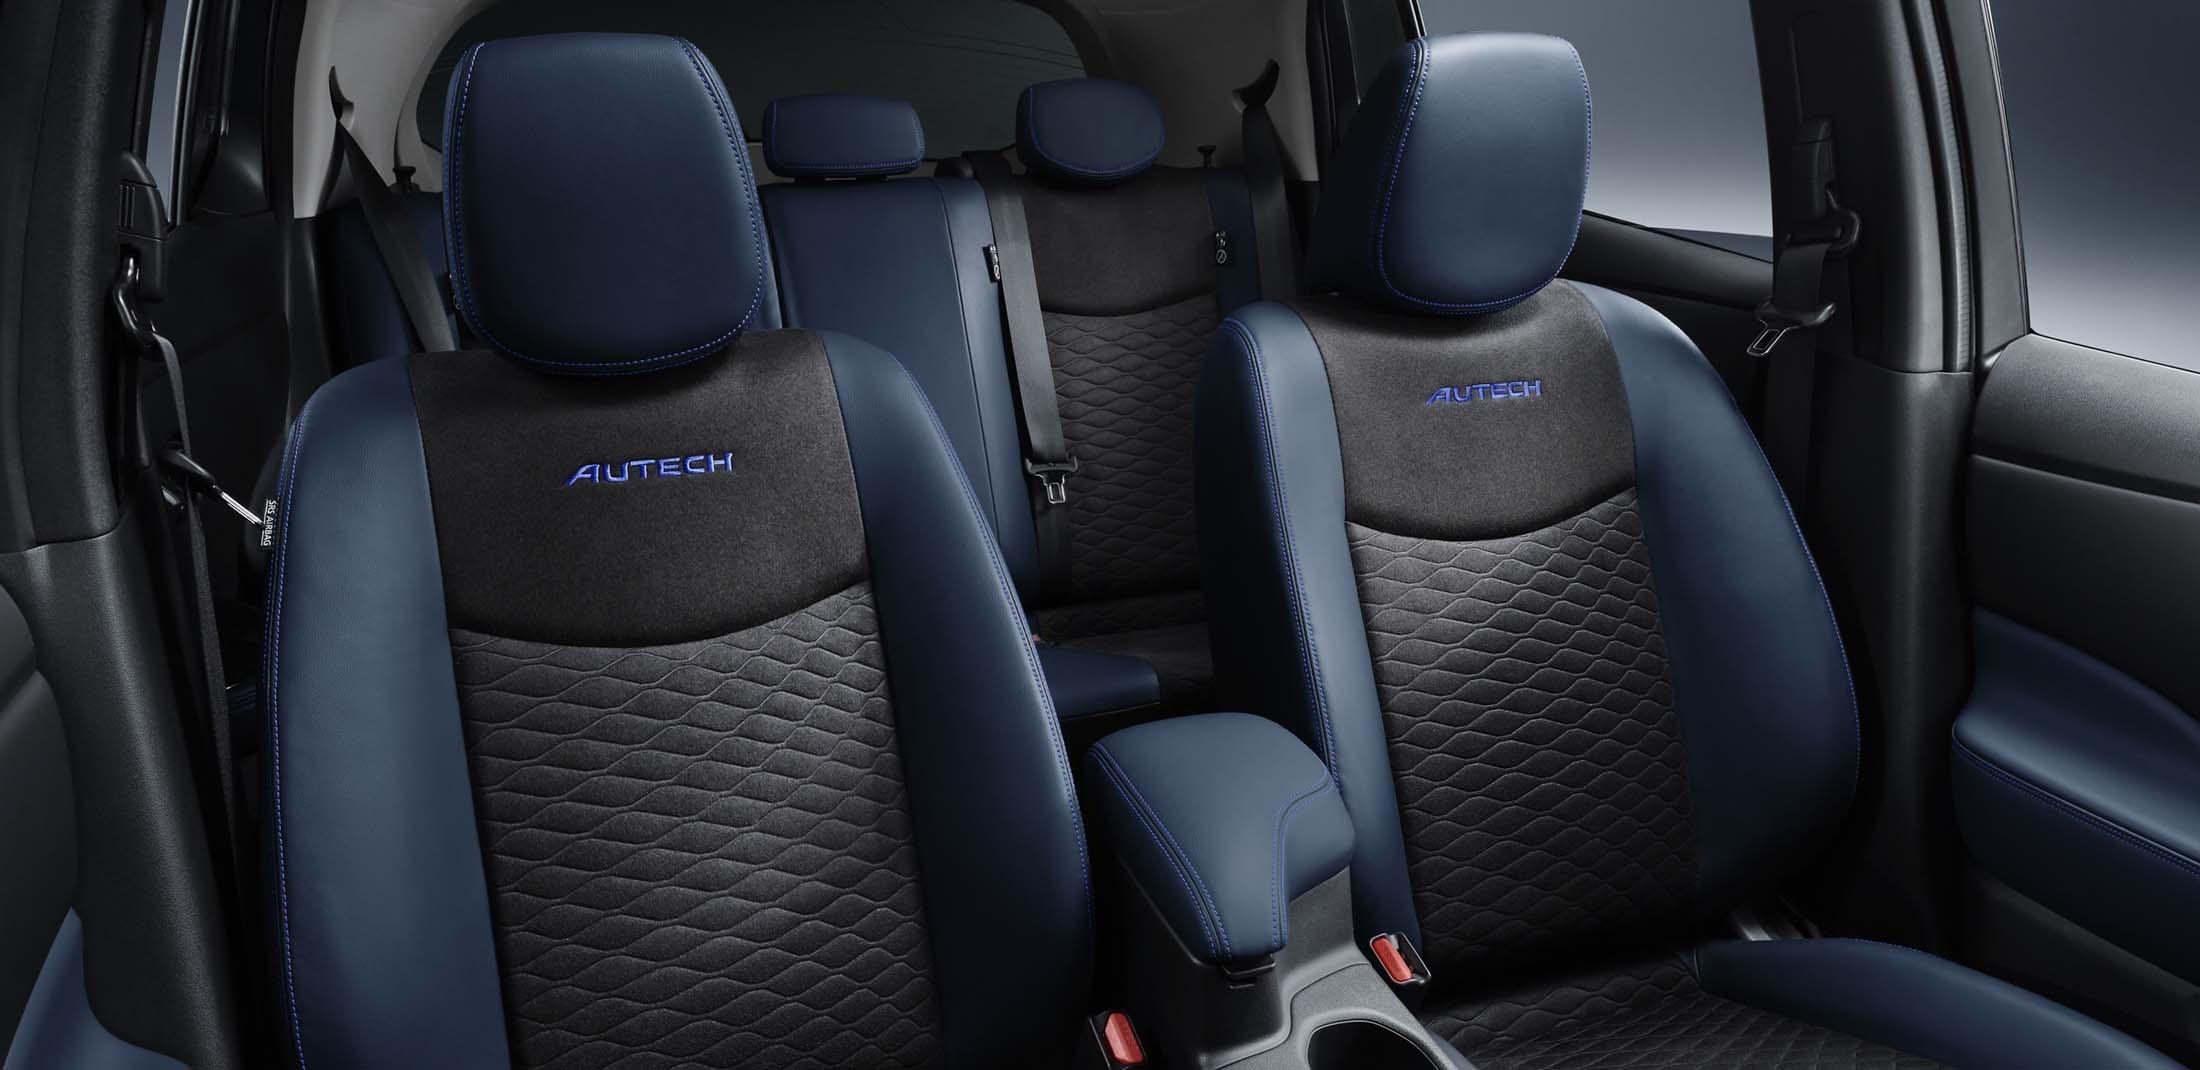 Ξεκινούν οι πωλήσεις του Nissan LEAF Autech στην Ιαπωνία